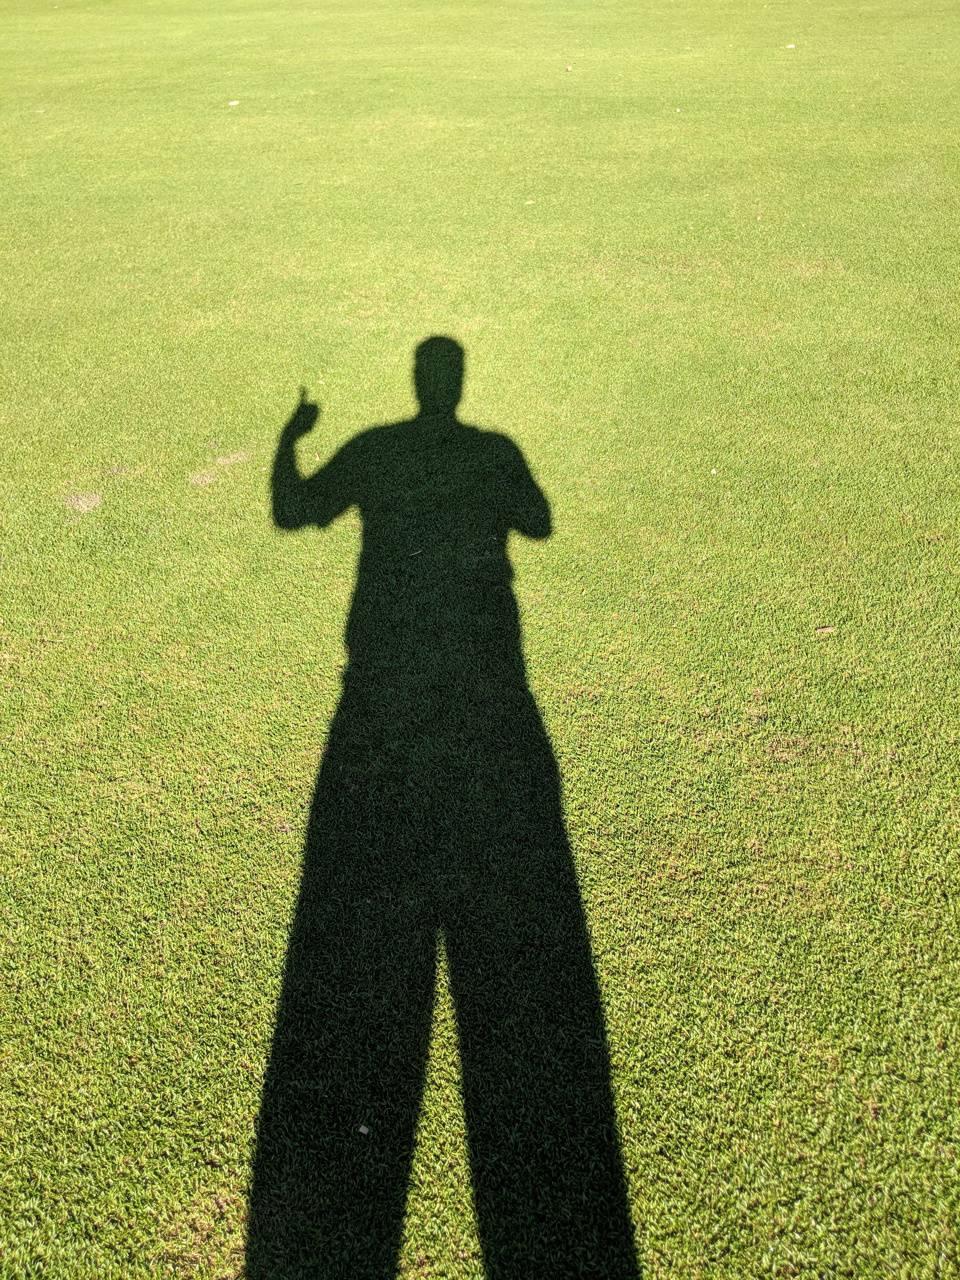 Okay sign shadow